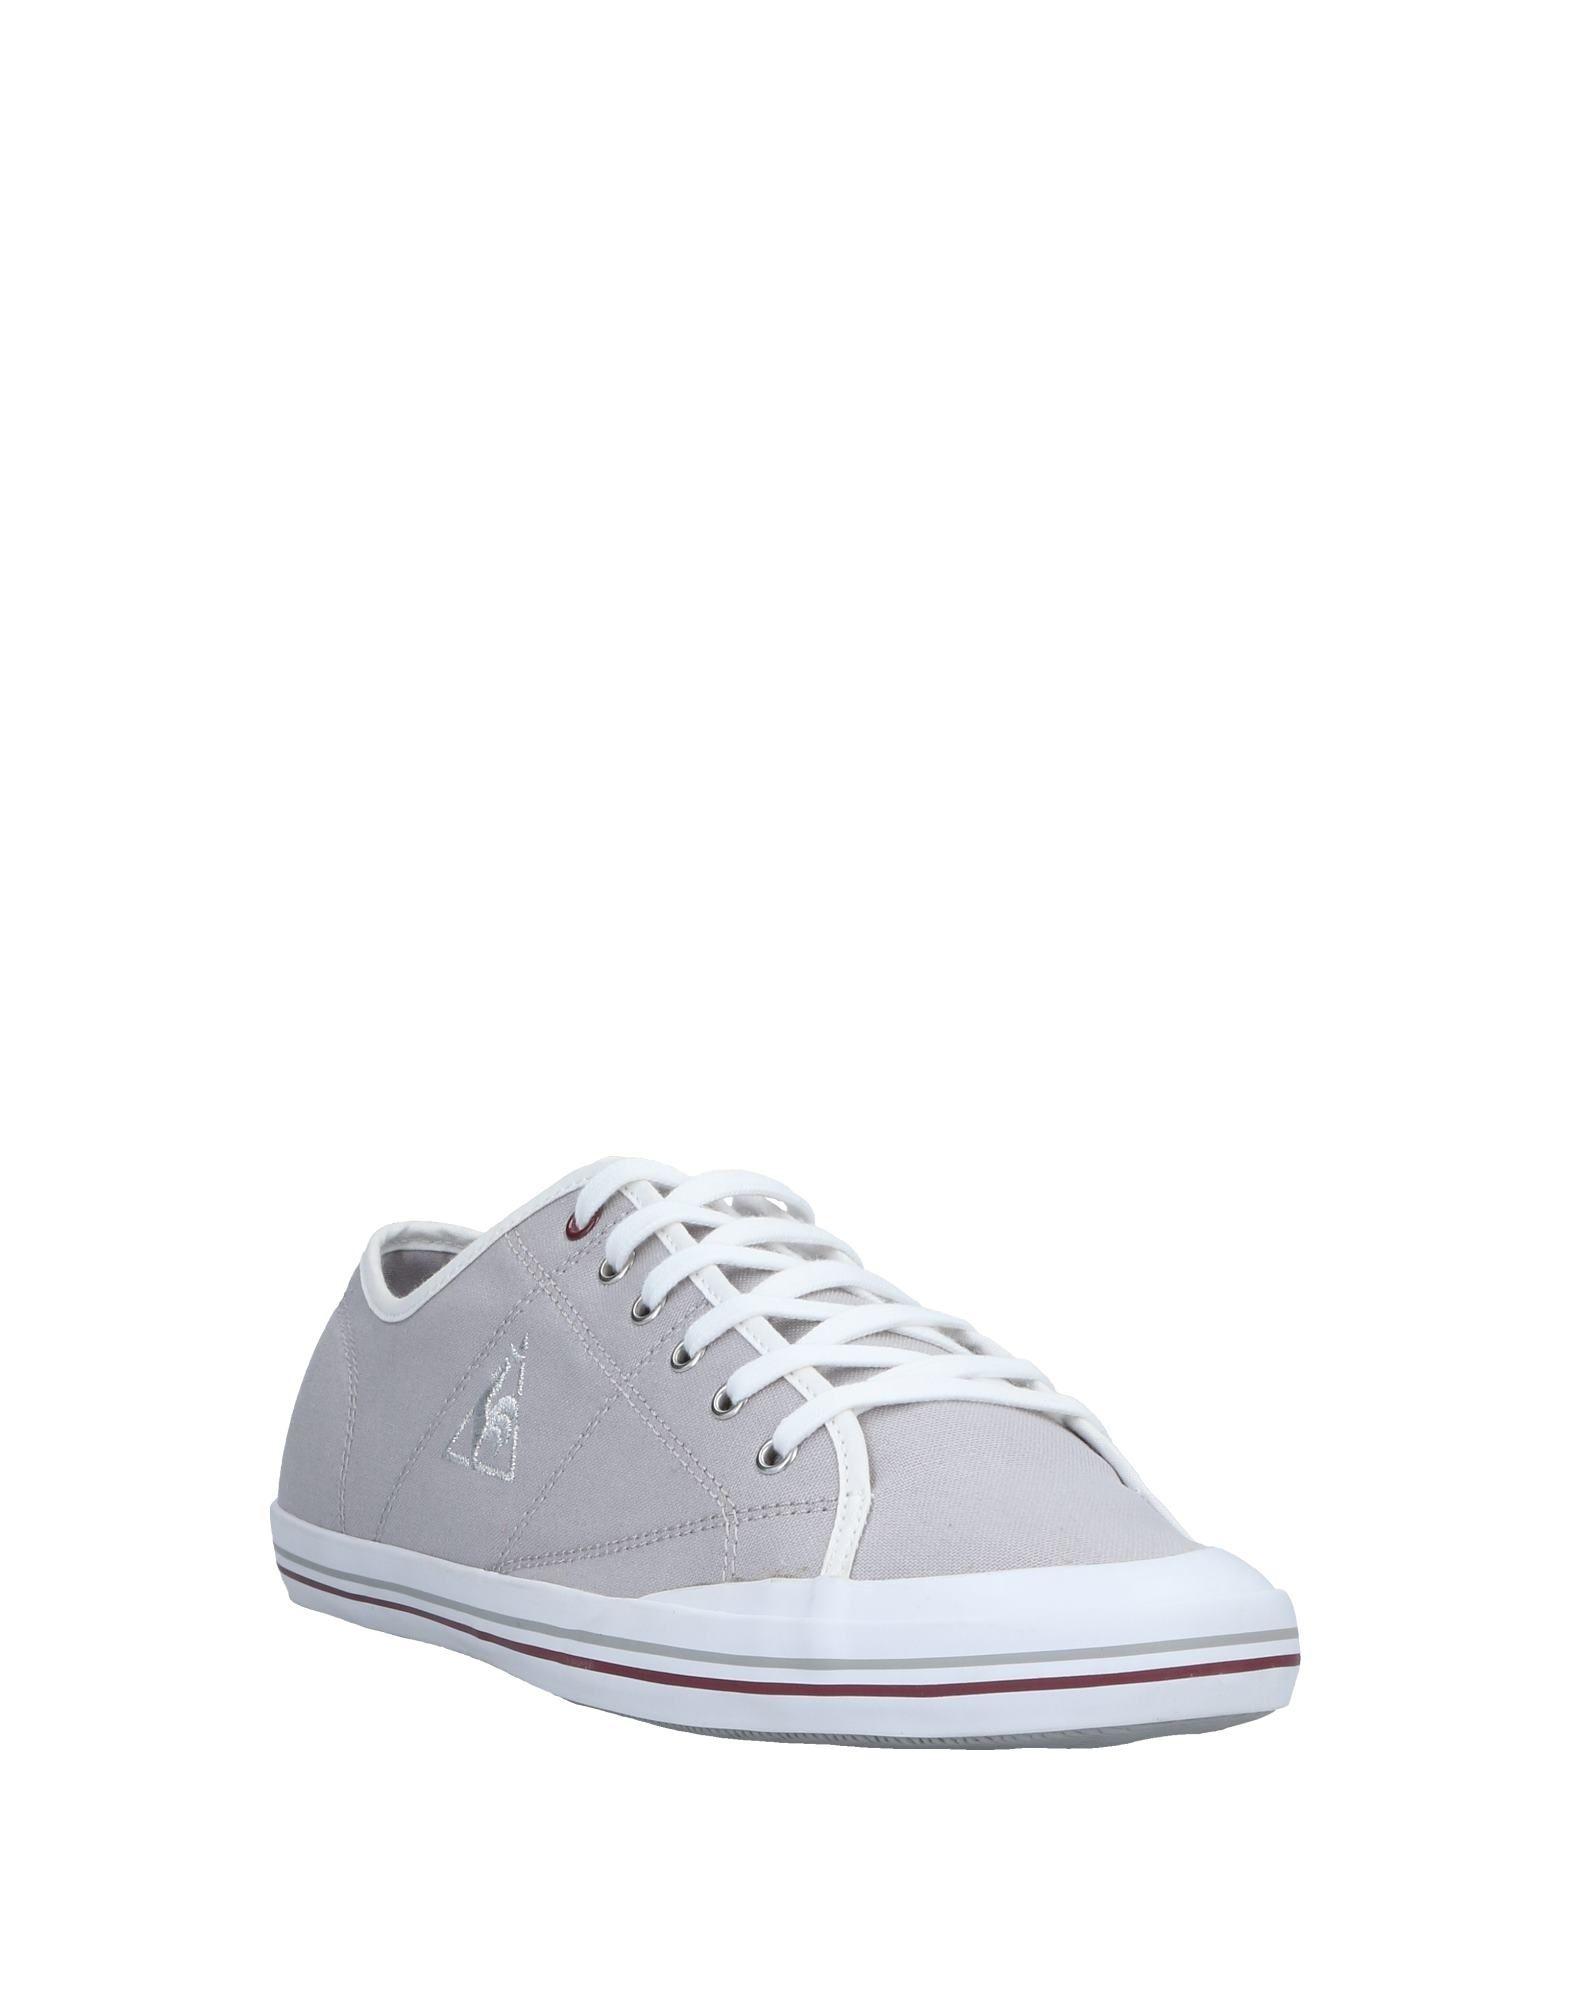 Le Coq Sportif Sneakers 11534409US Herren  11534409US Sneakers e1b249